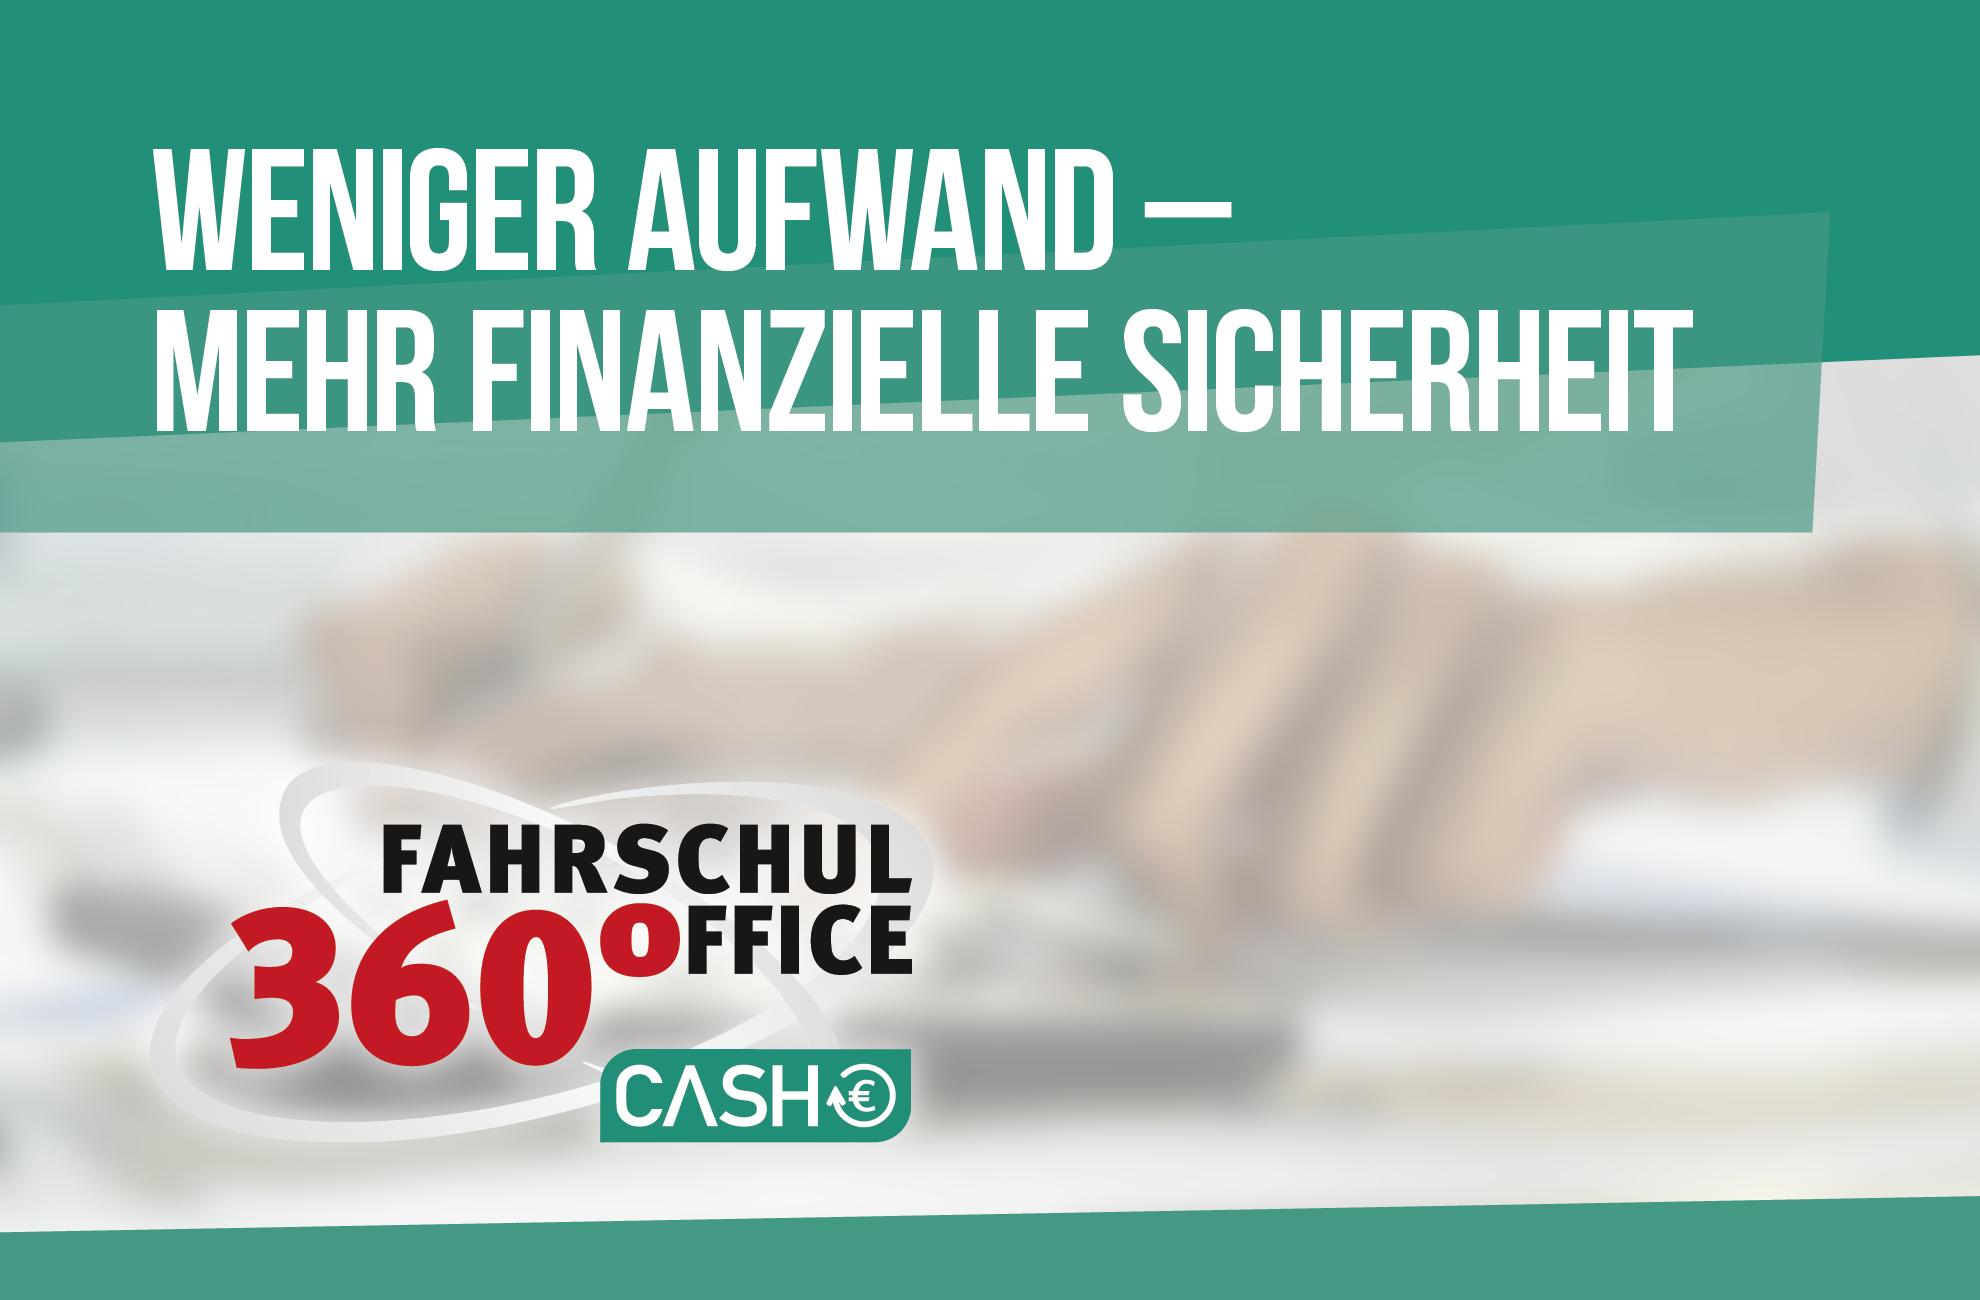 FSO Cash